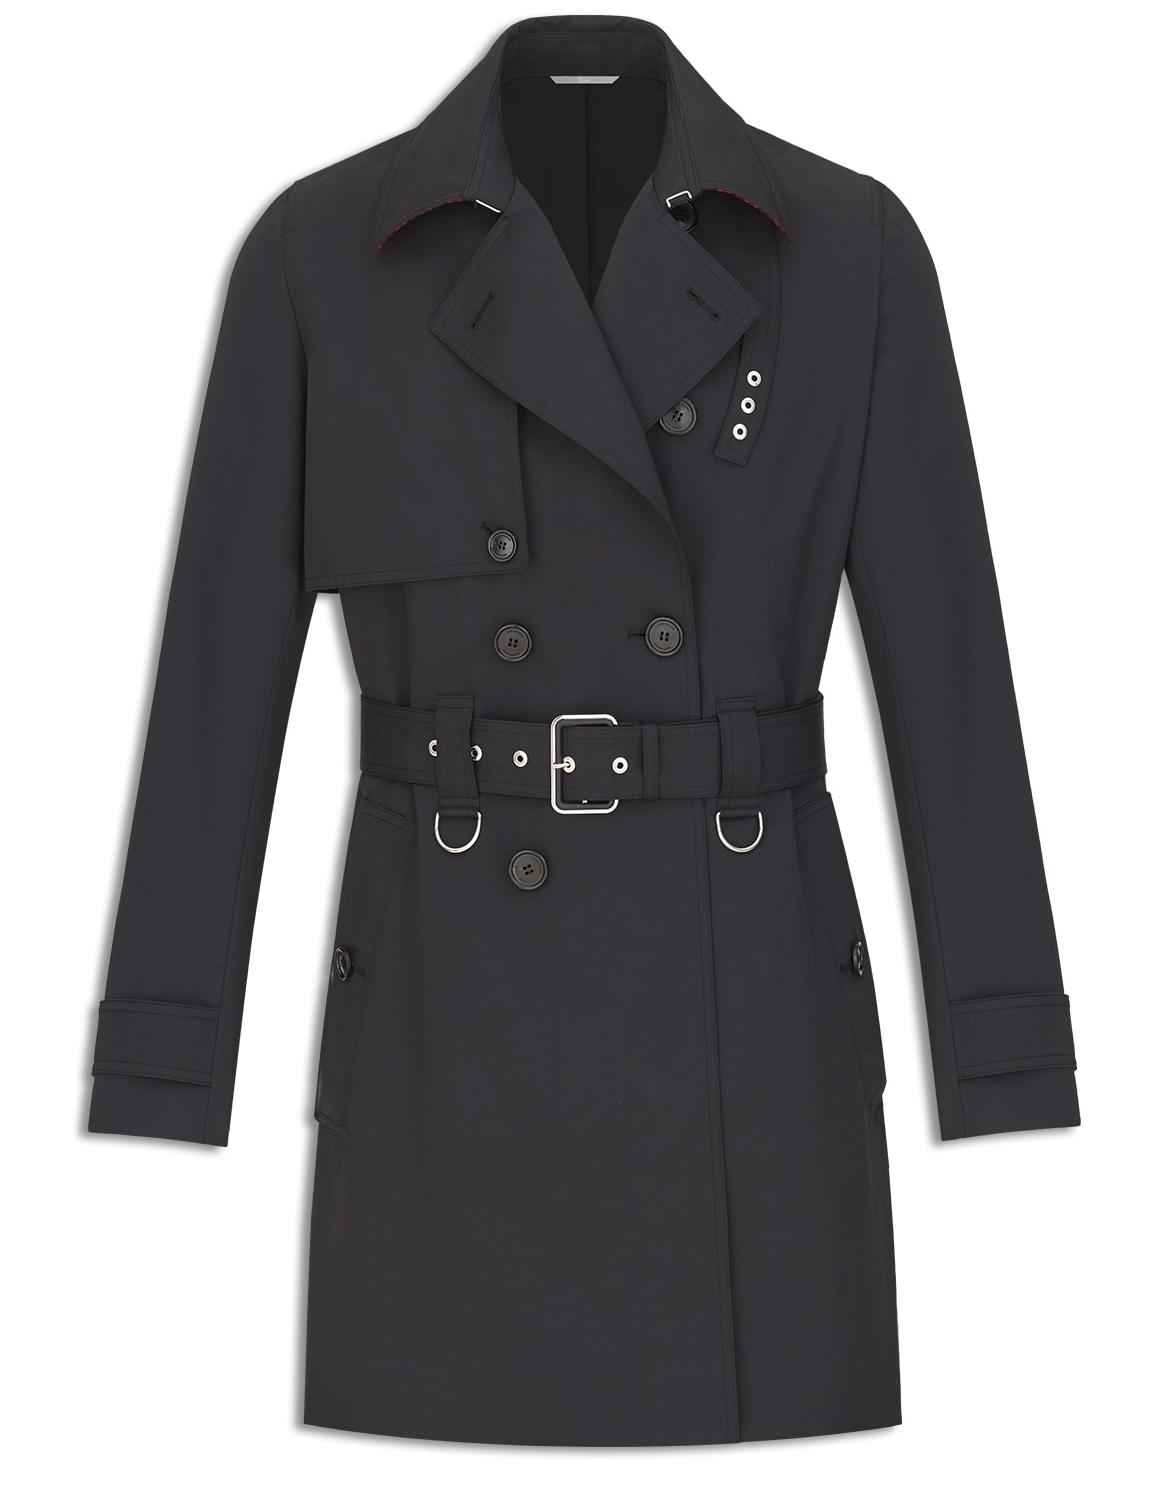 Mantel von Dior